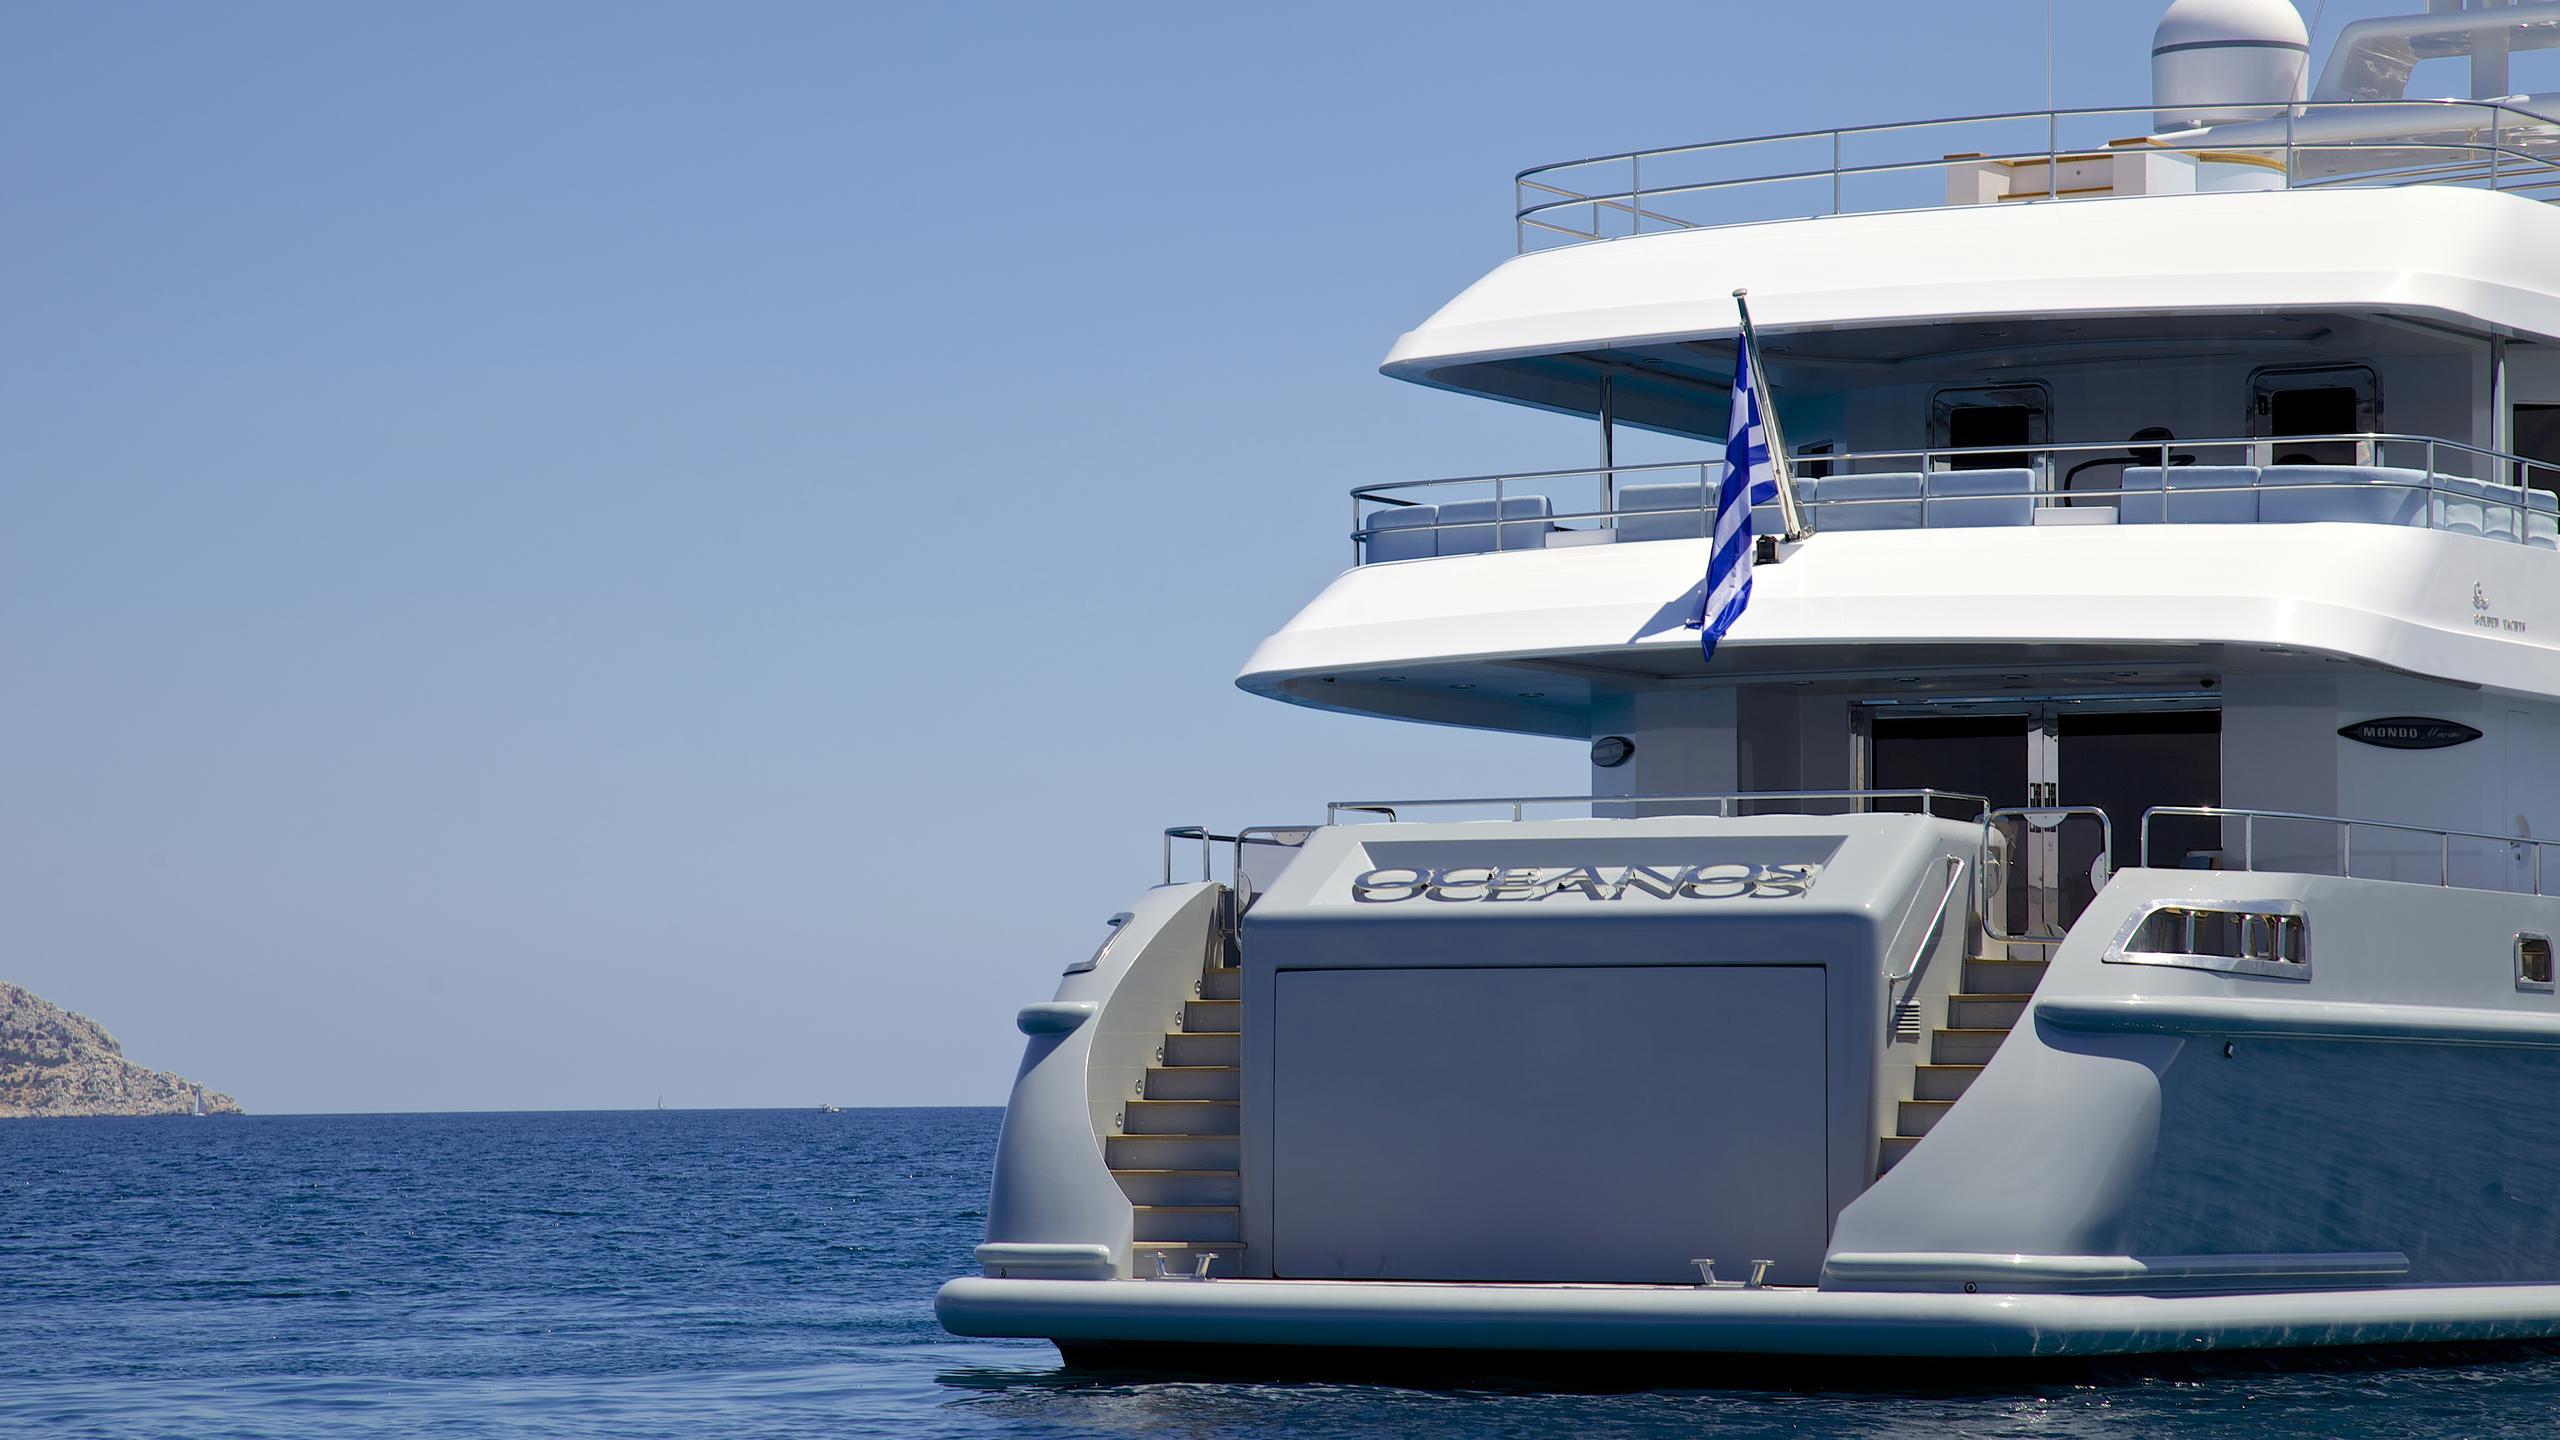 oceanos-yacht-stern